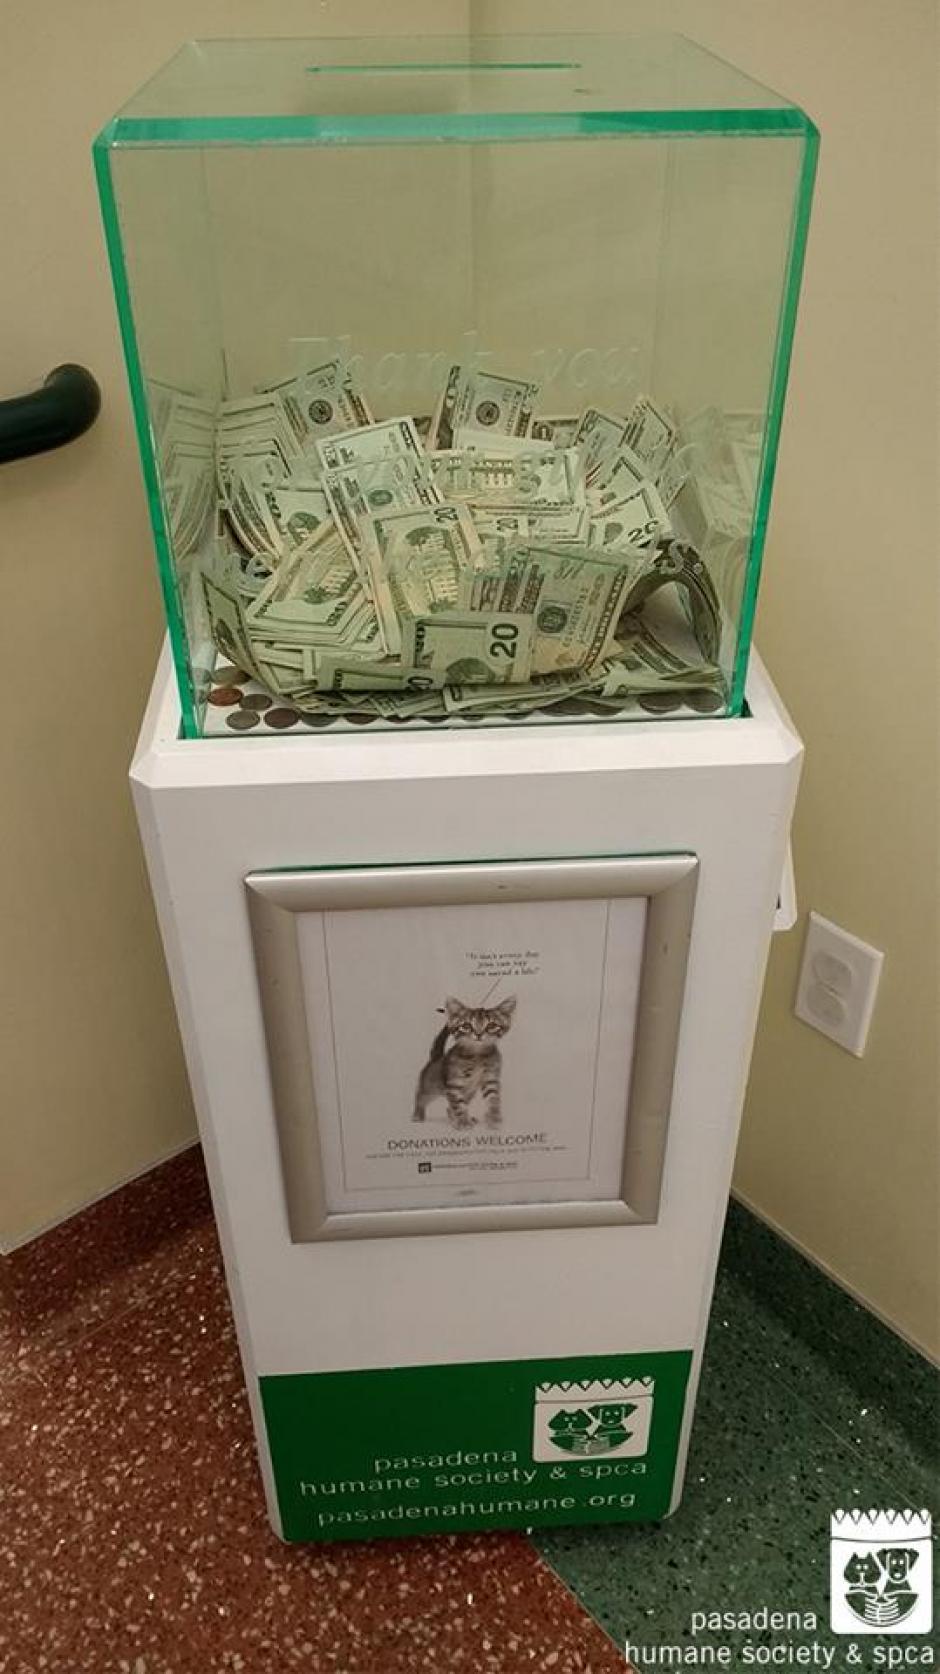 El dinero fue donado de forma anónima. (Foto: Pasadena Humane Society & SPCA)